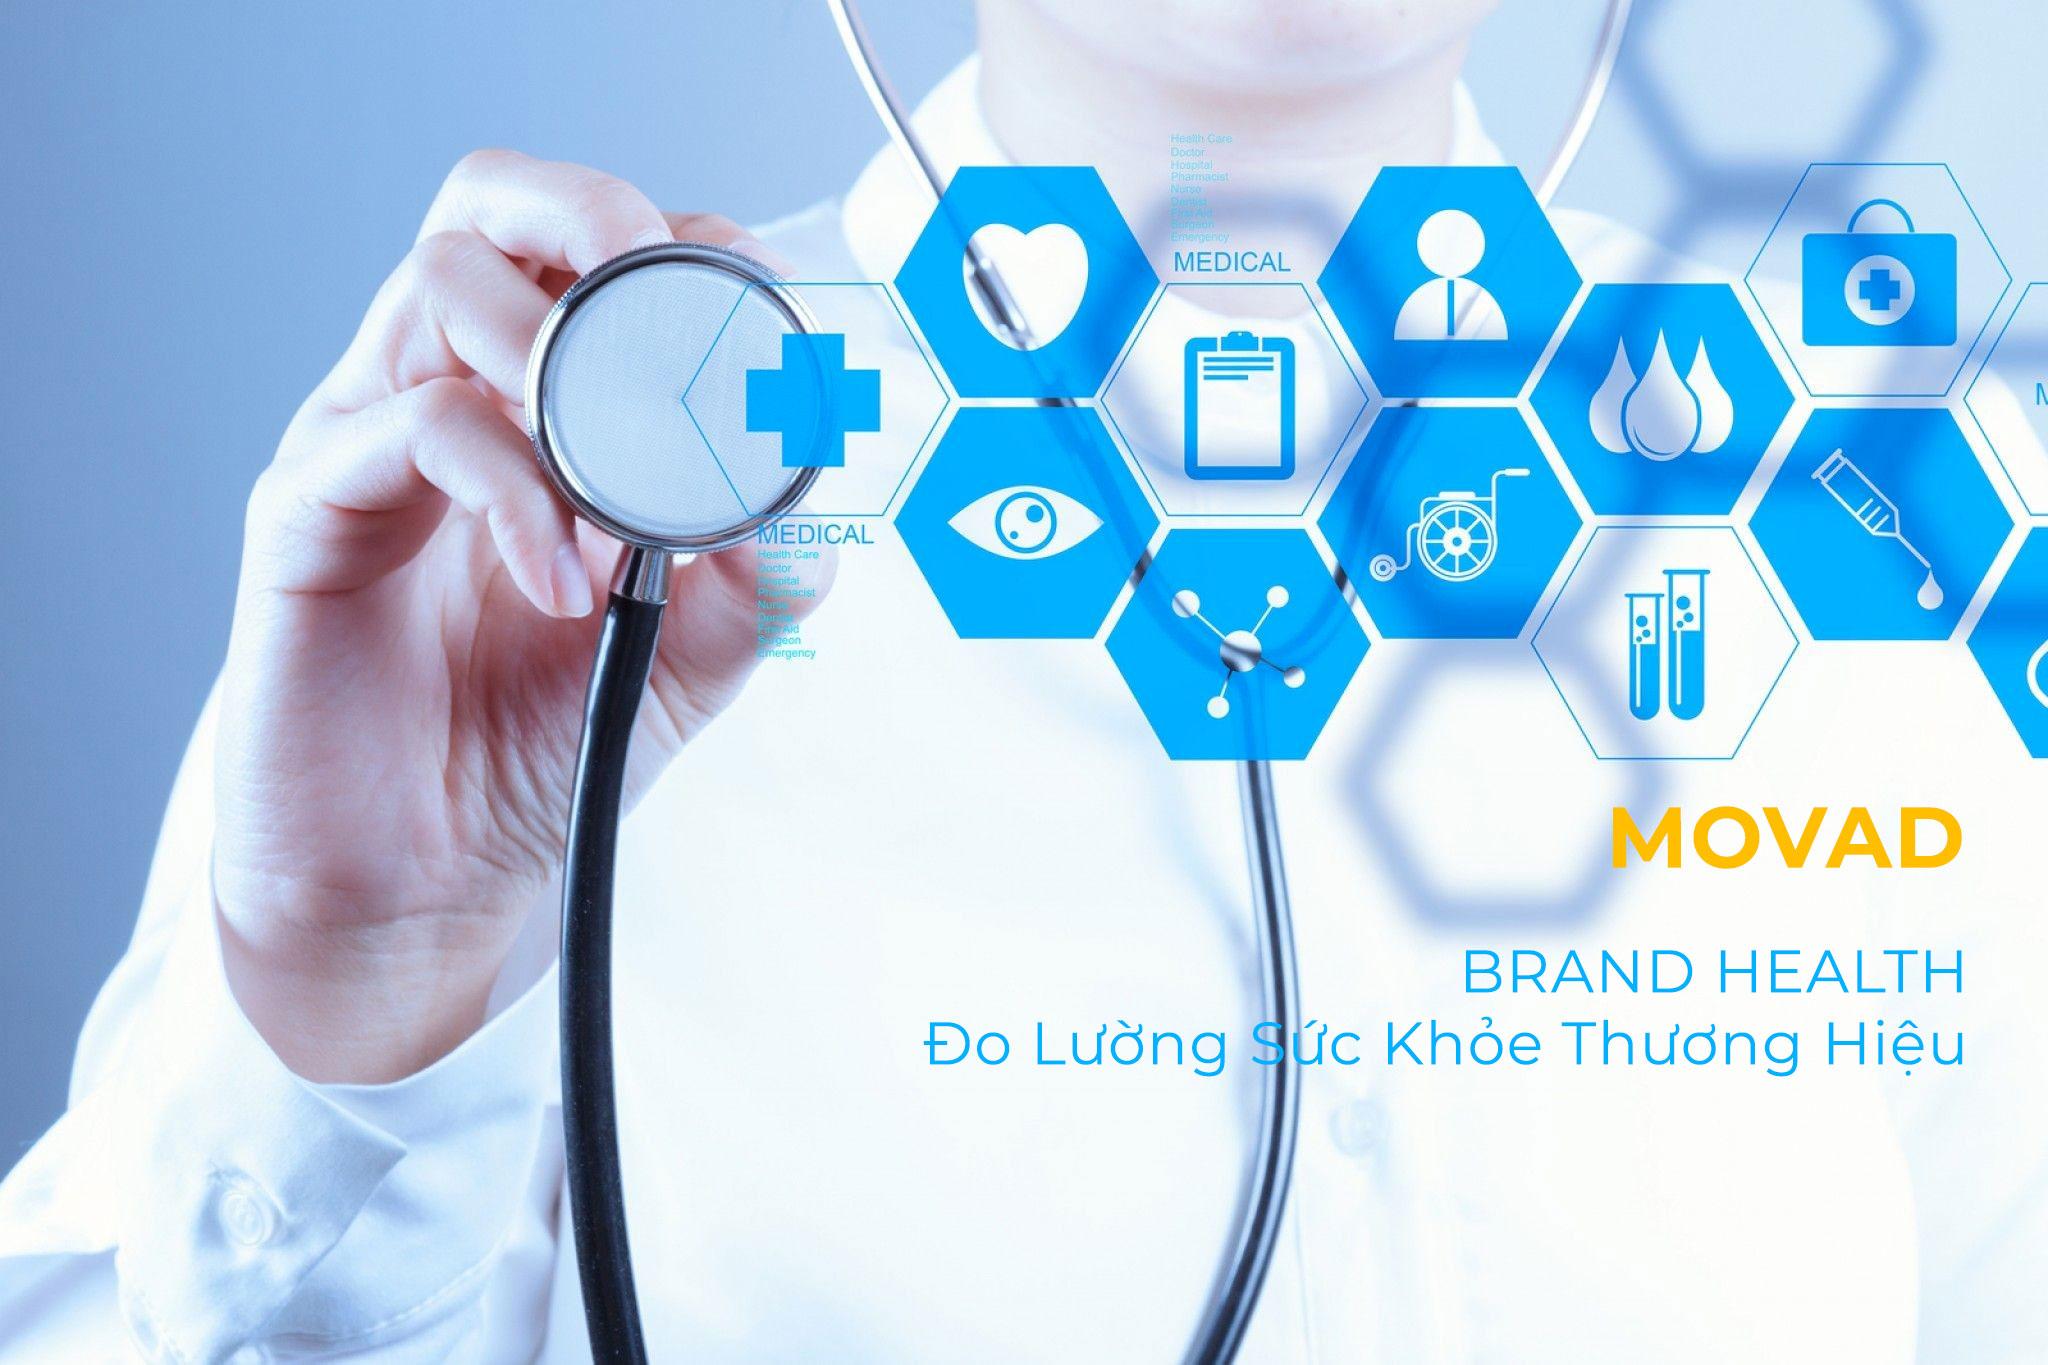 Brand Health là gì? Chỉ số đánh giá doanh nghiệp